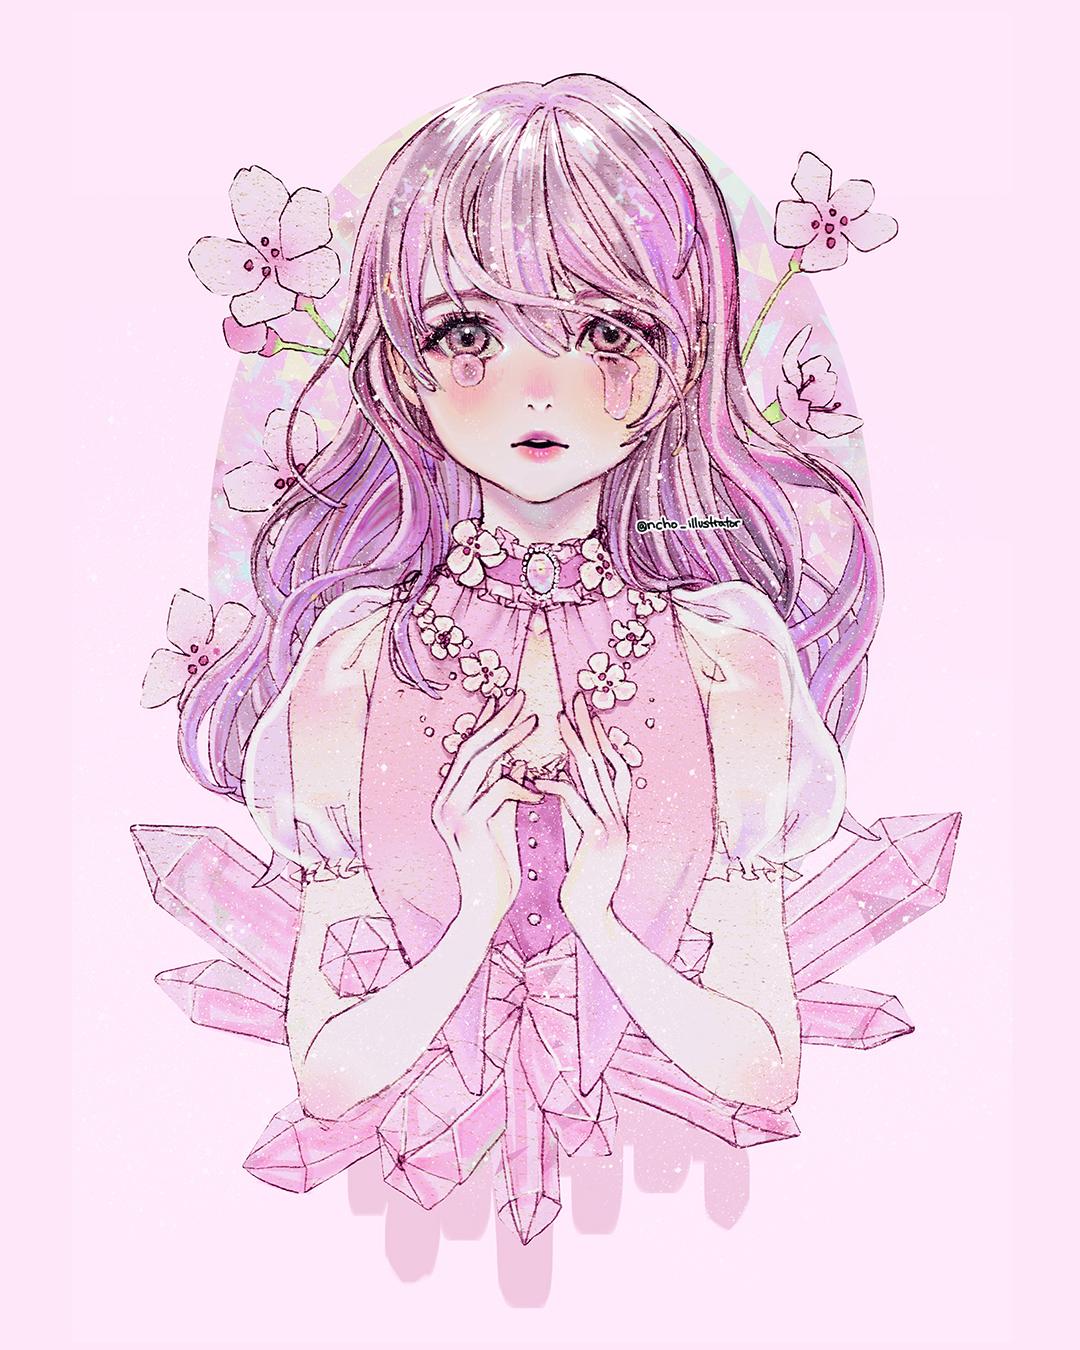 GirlsclubAsia-Illustrator-ncho (2)